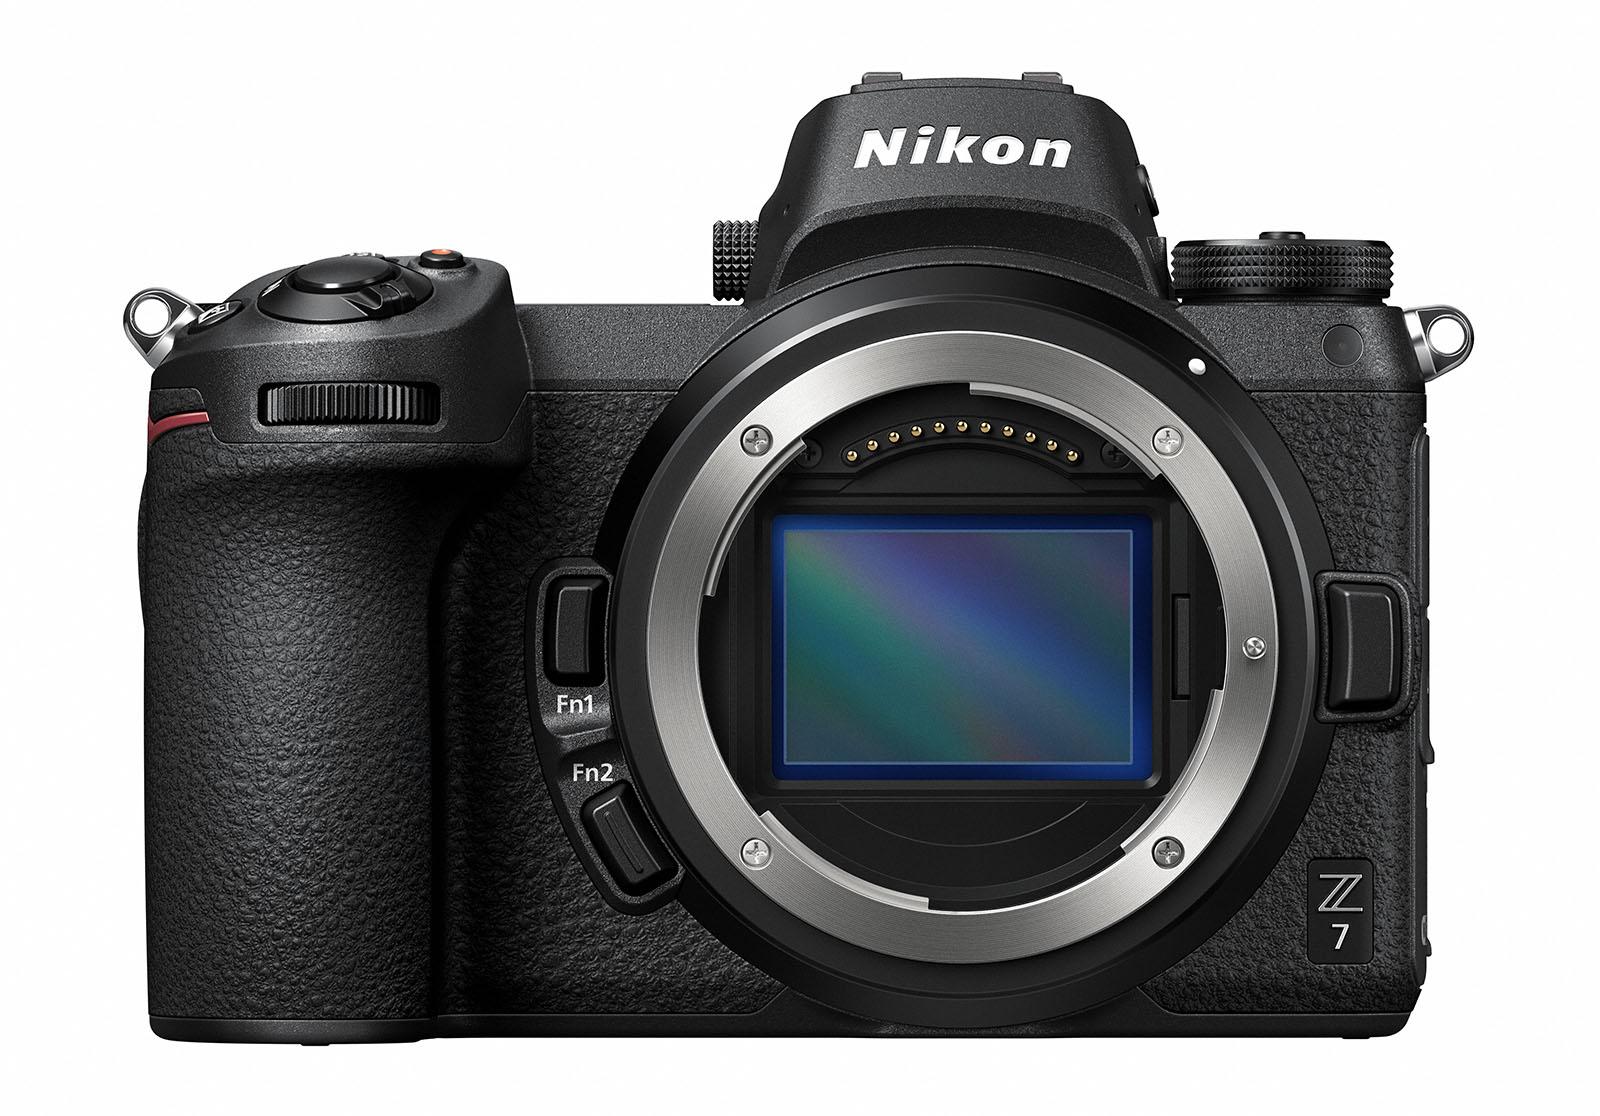 Nikon Z7 是一臺 45.7MP 的無反全幅巨獸